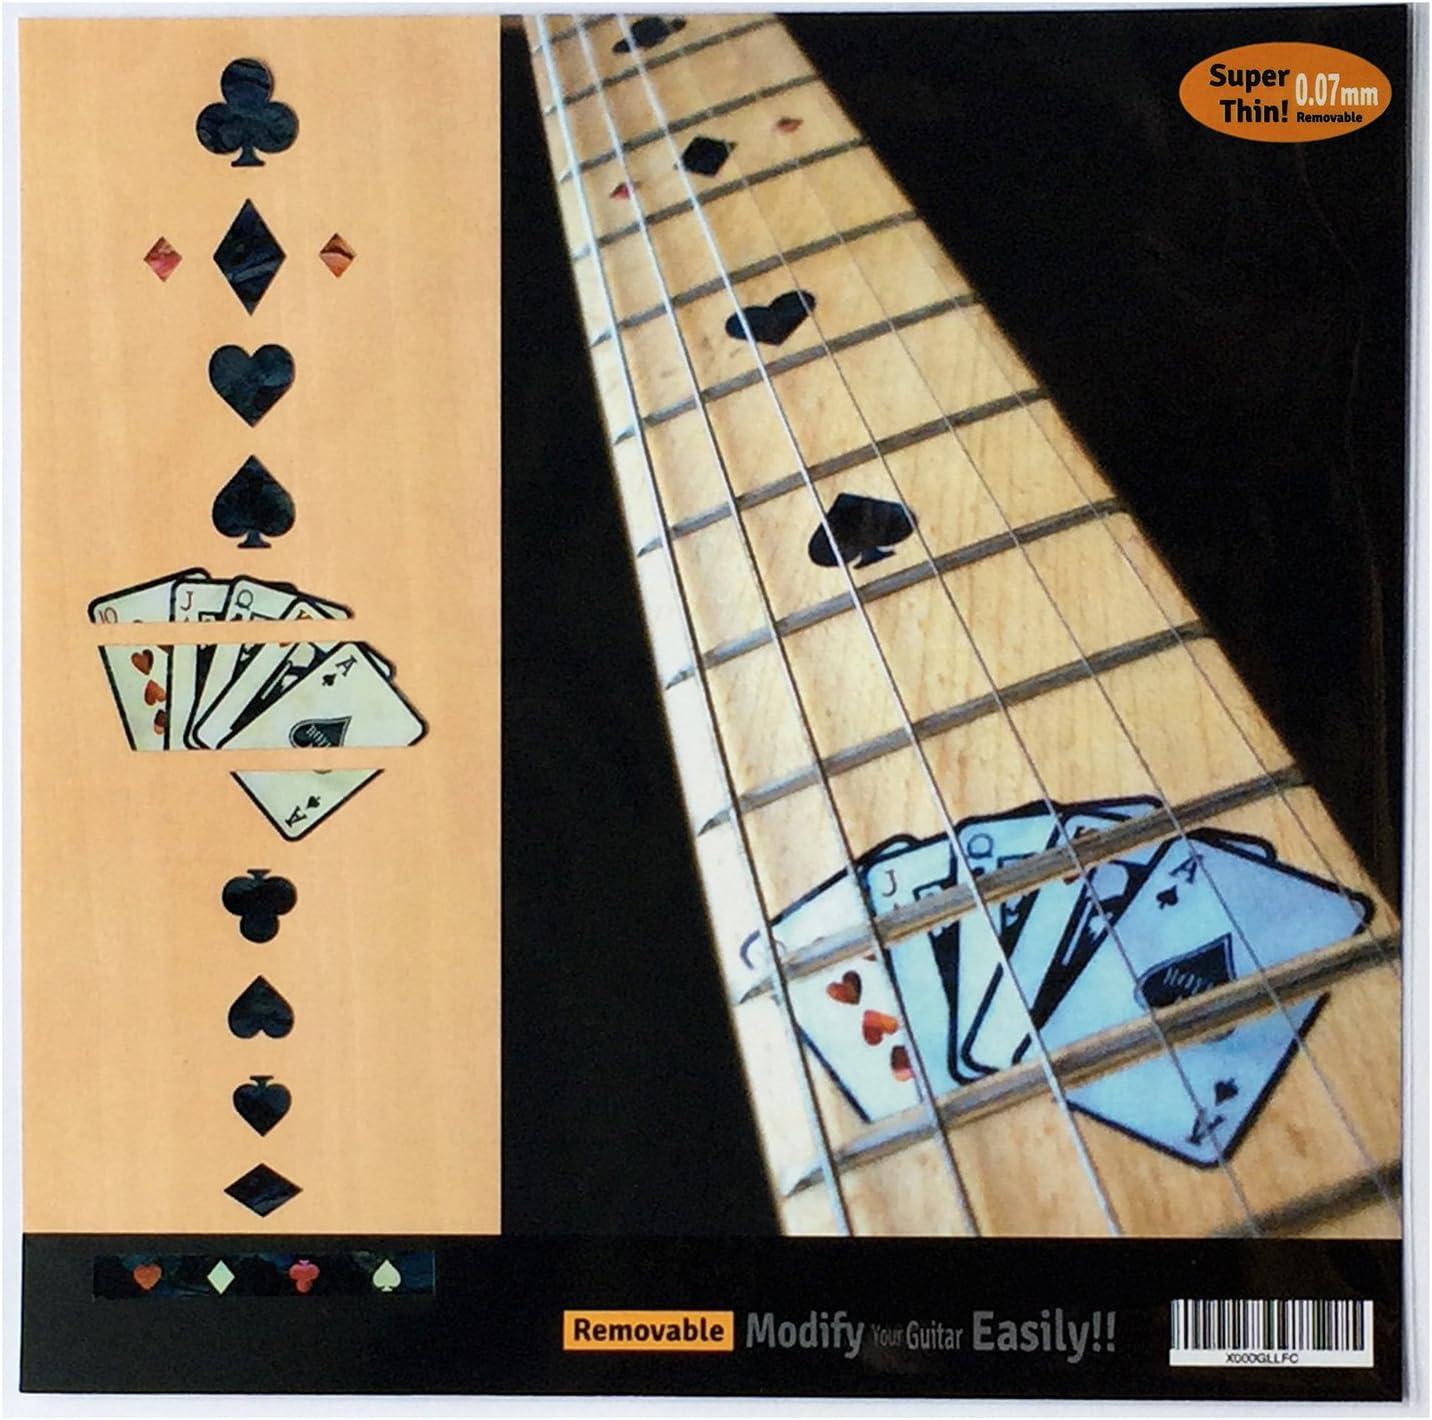 Inlay Stickers Pegatinas para diapasón de guitarra, con motivo juego de cartas, color negro perla